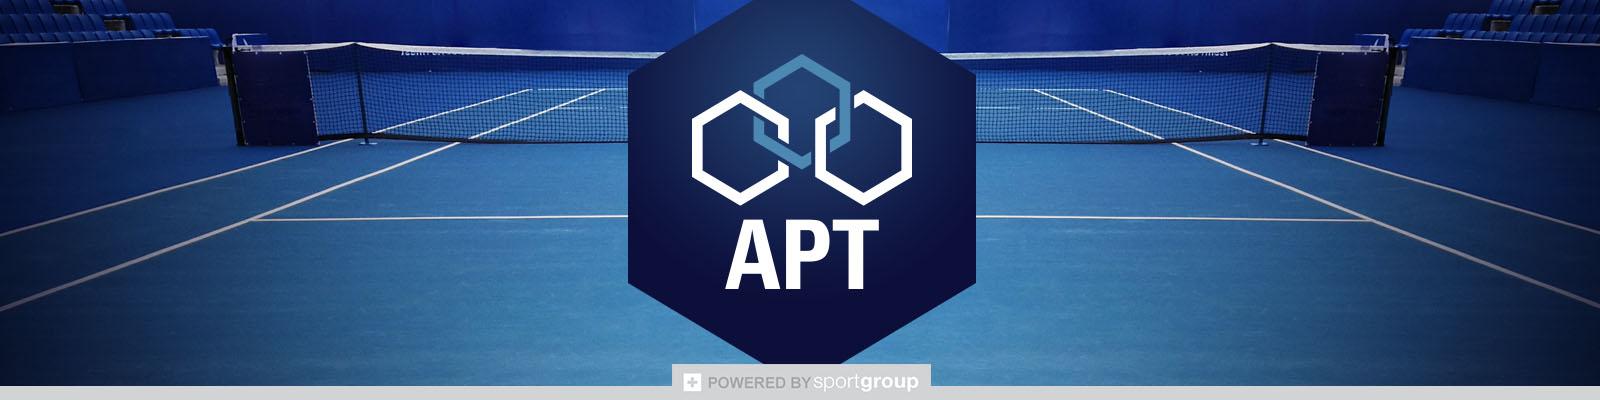 APT header 2.jpg